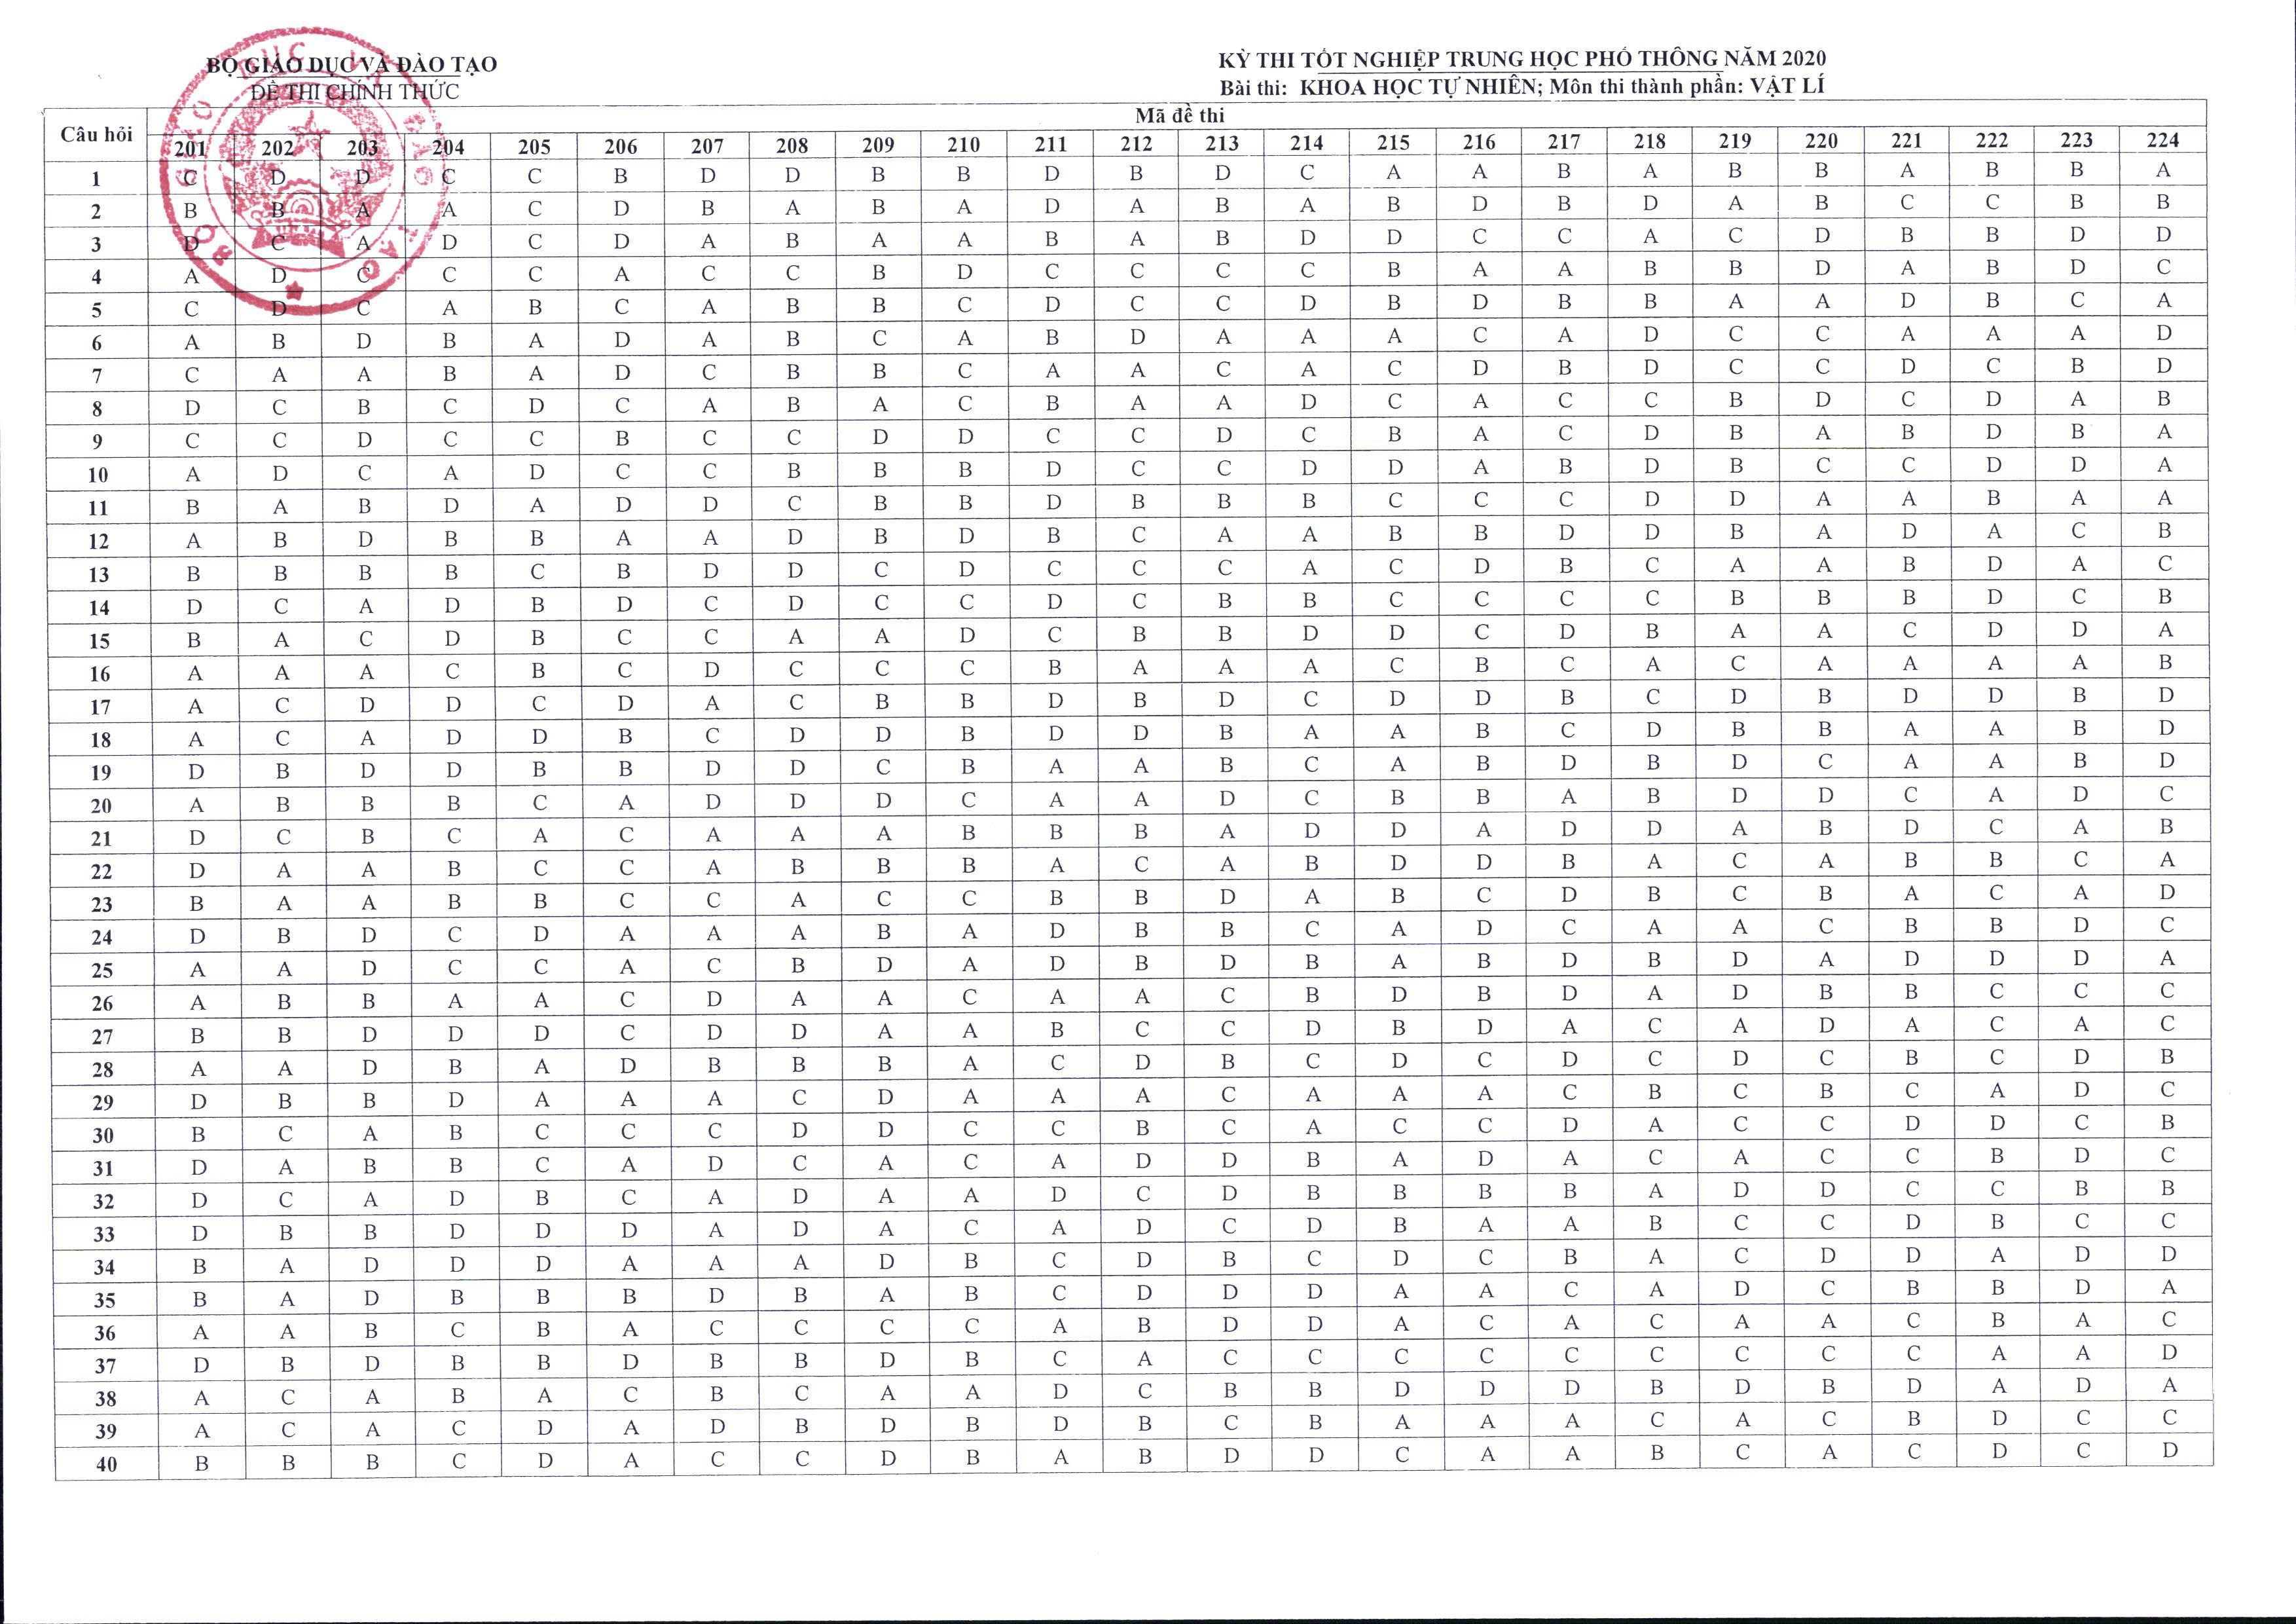 MỚI: Bộ GD&ĐT chính thức công bố đáp án và thang điểm các môn thi tốt nghiệp THPT - Ảnh 11.